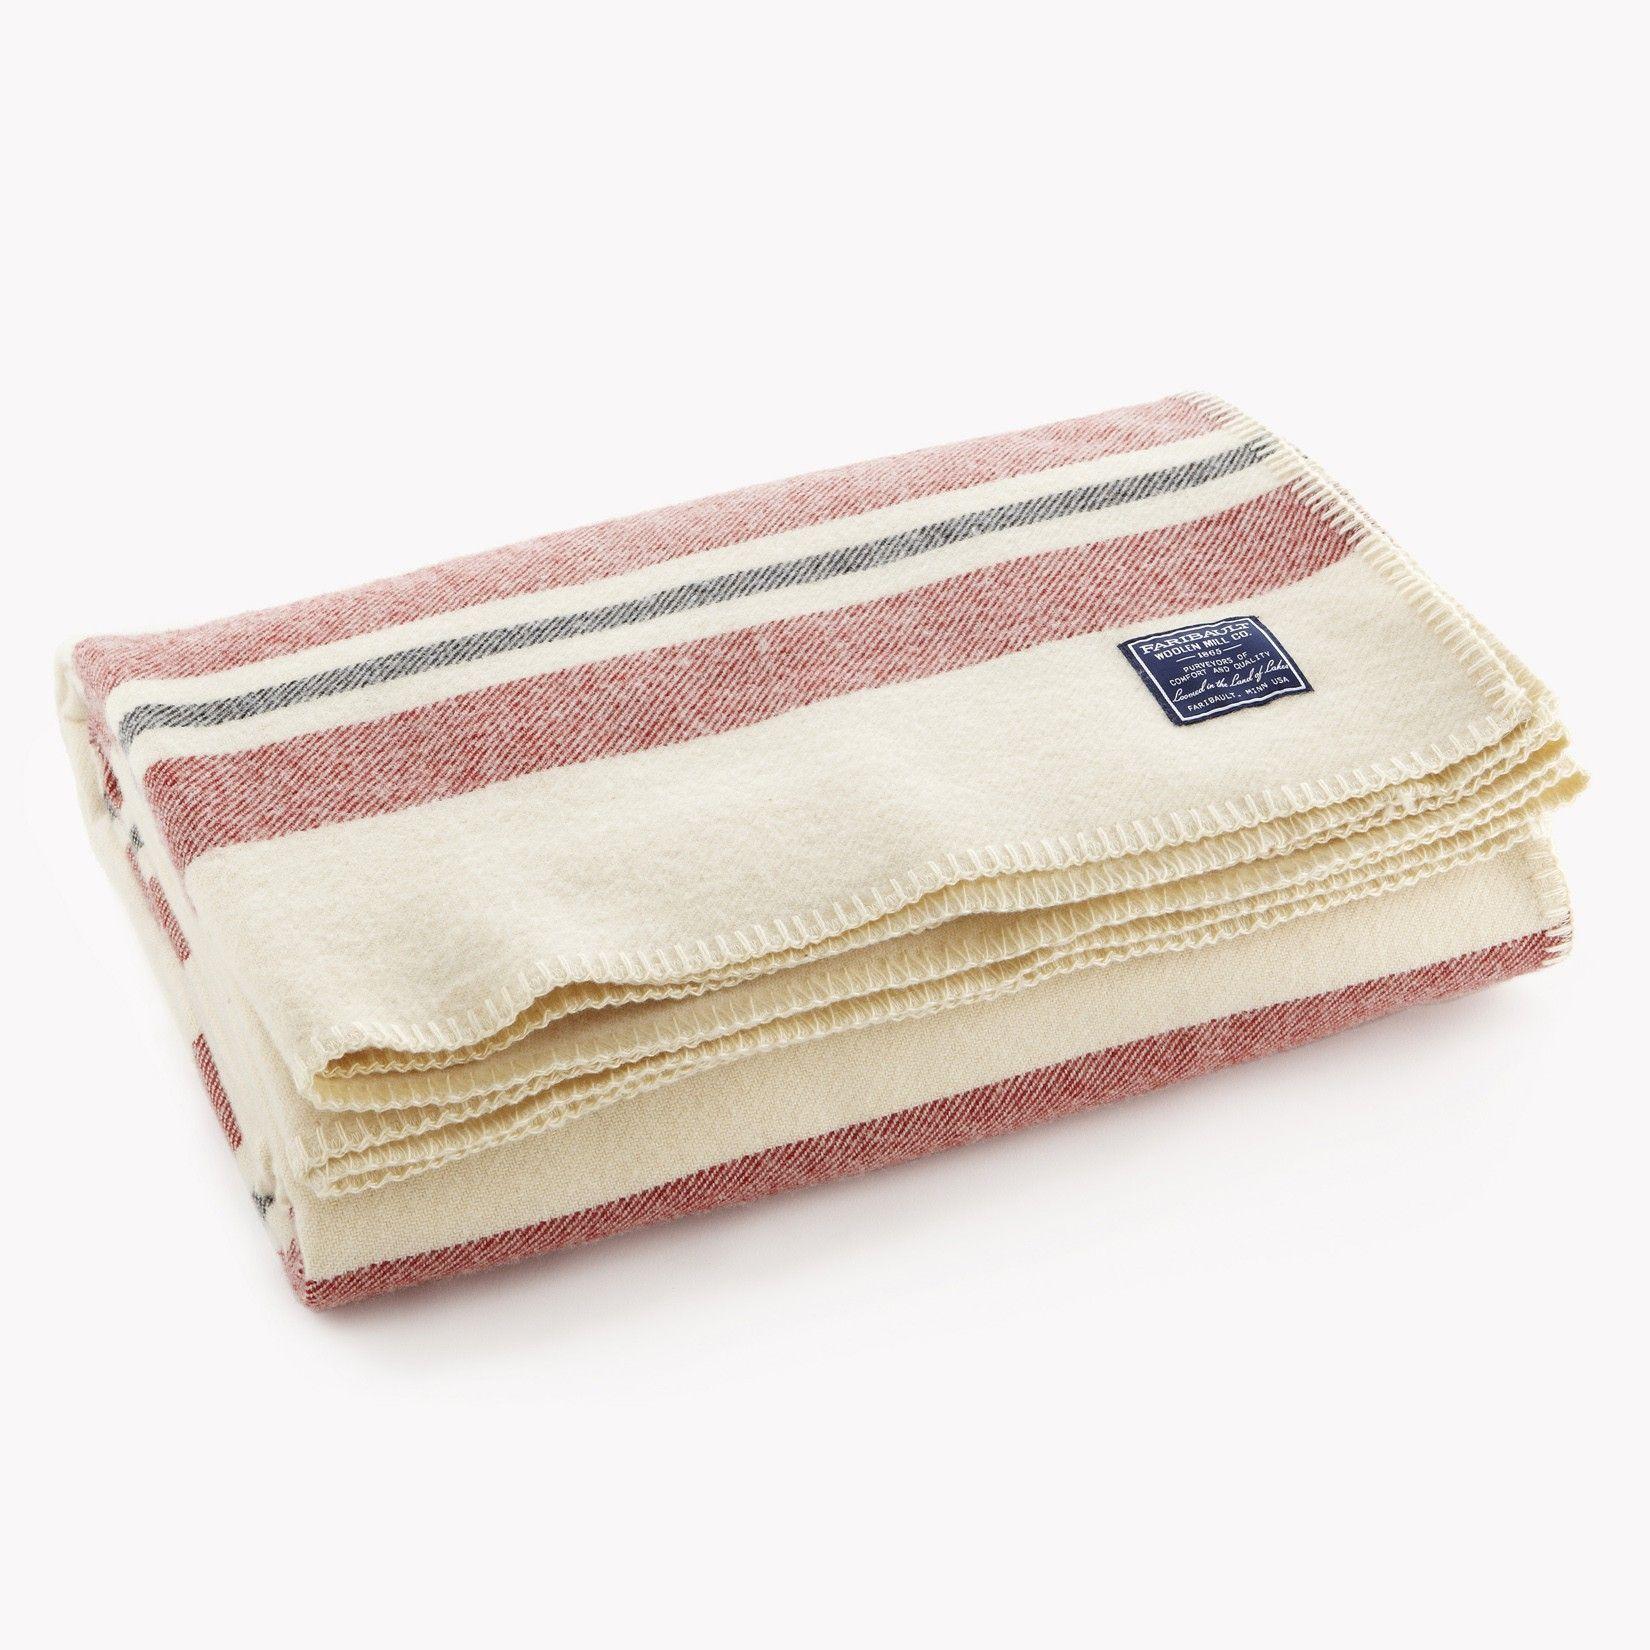 Cabin wool blanket from faribault mill twin blanket